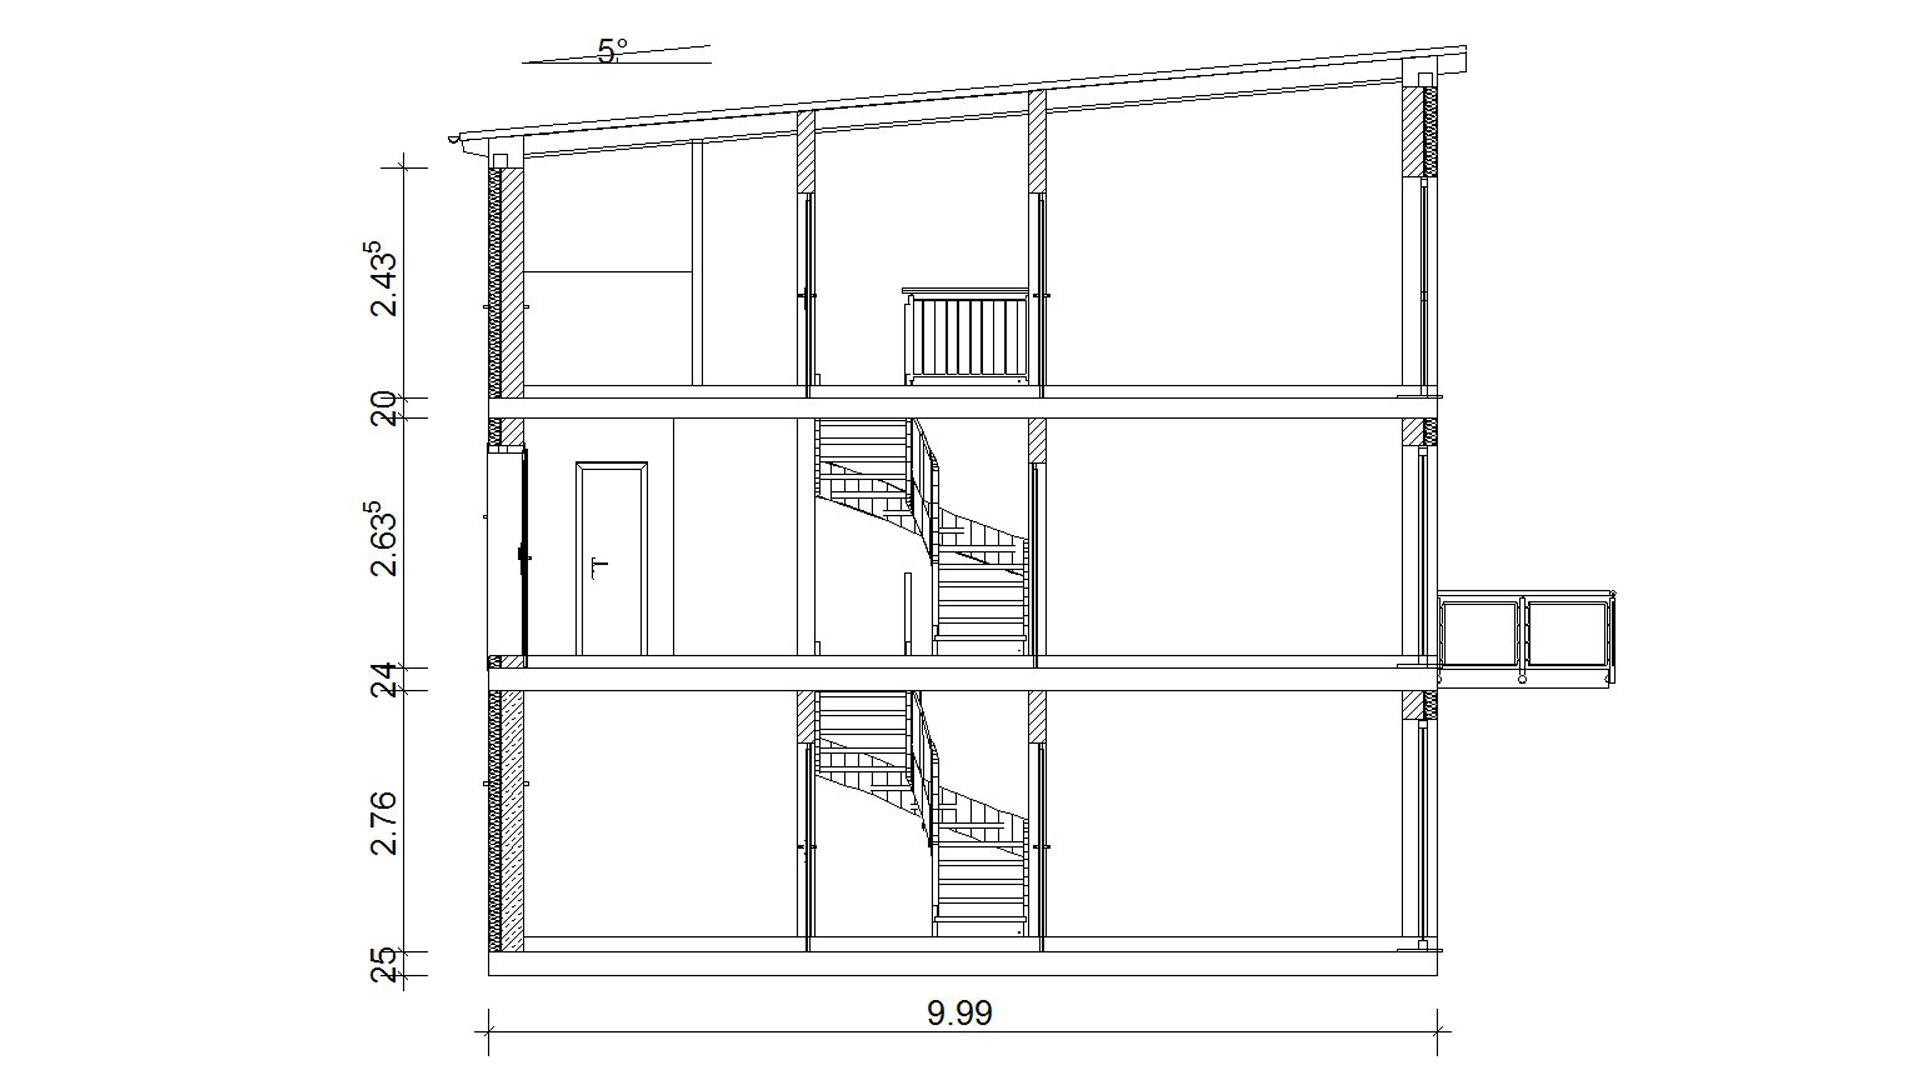 Beliebt WohnbauKonzept GmbH: ausgewählte Planungsideen SE84